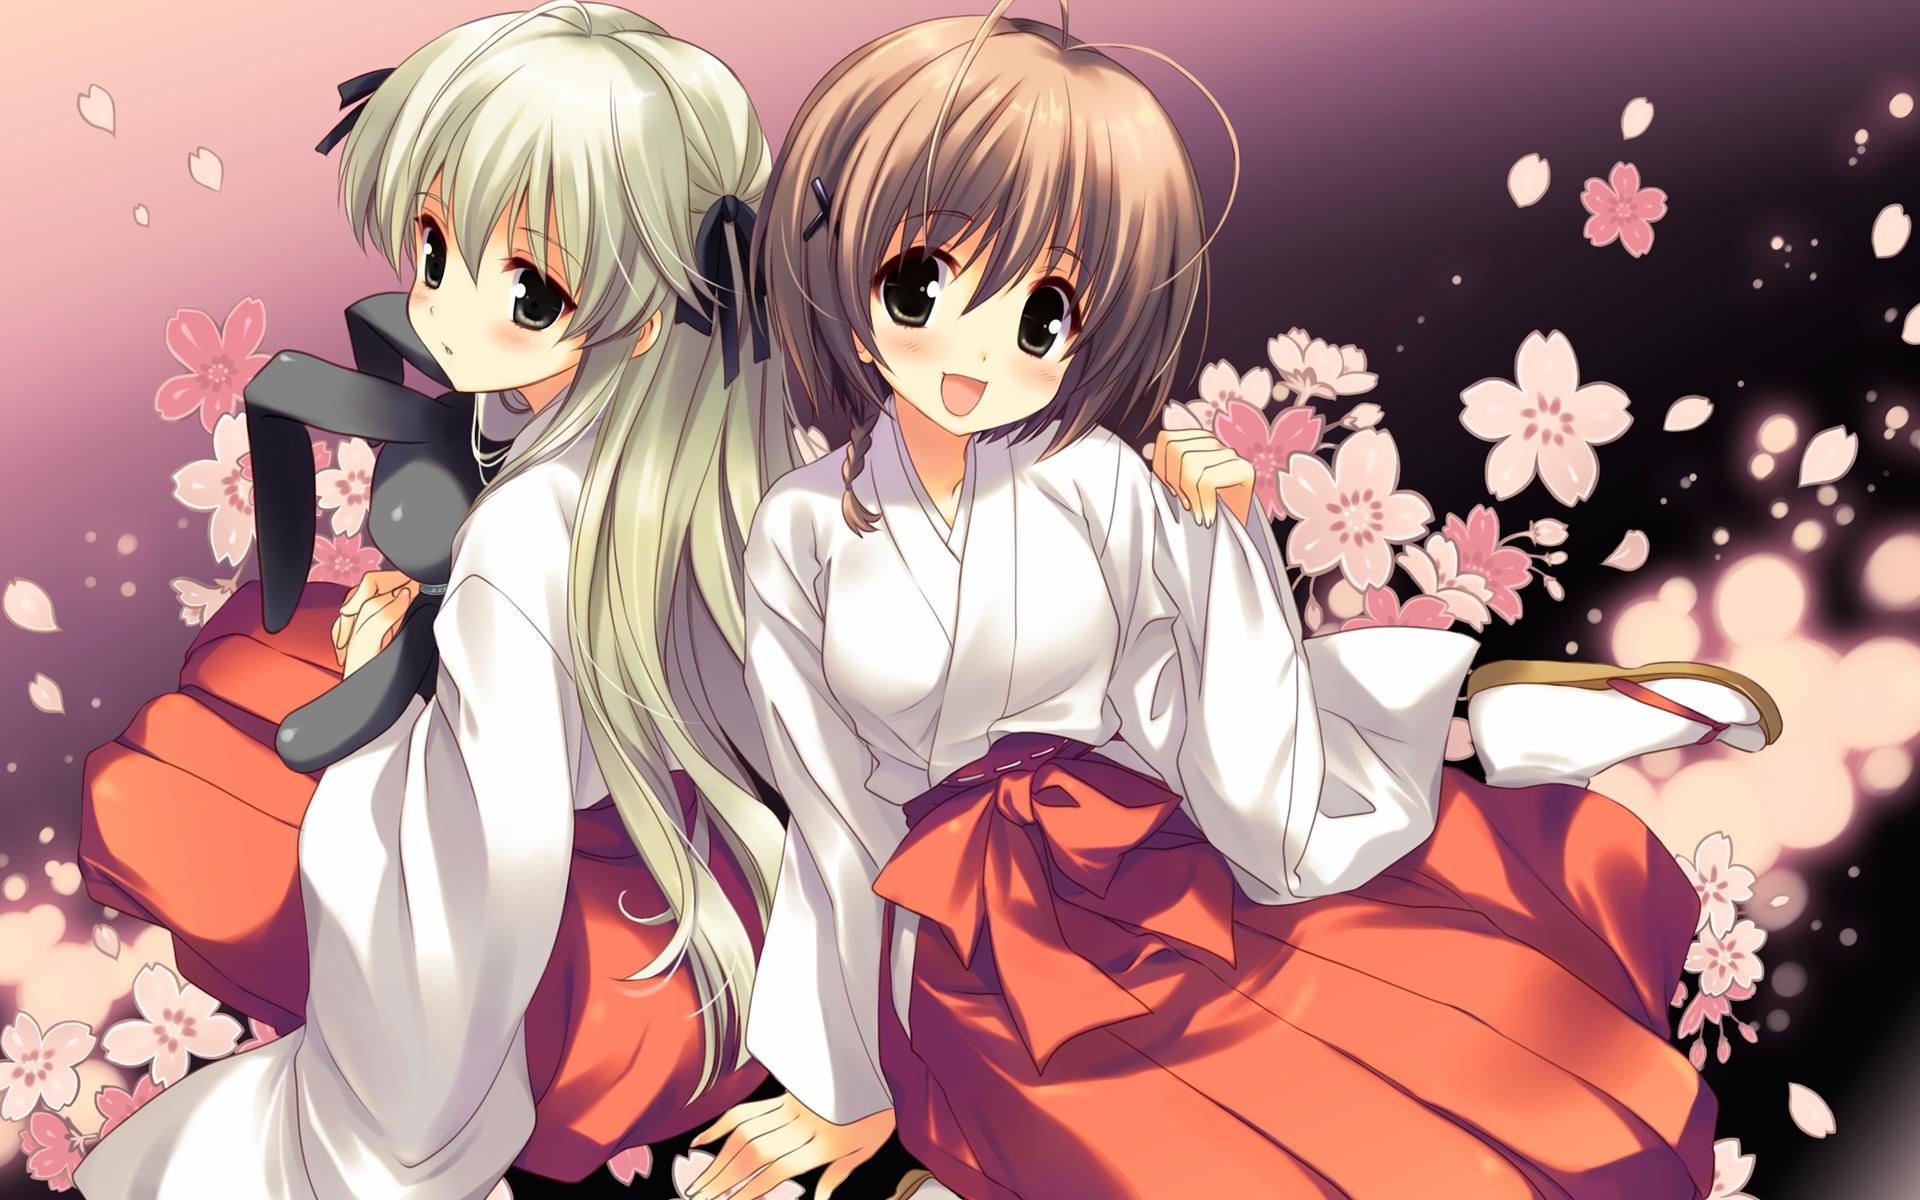 2girls amatsume_akira flowers japanese_clothes kasugano_sora miko sakura_koharu yosuga_no_sora